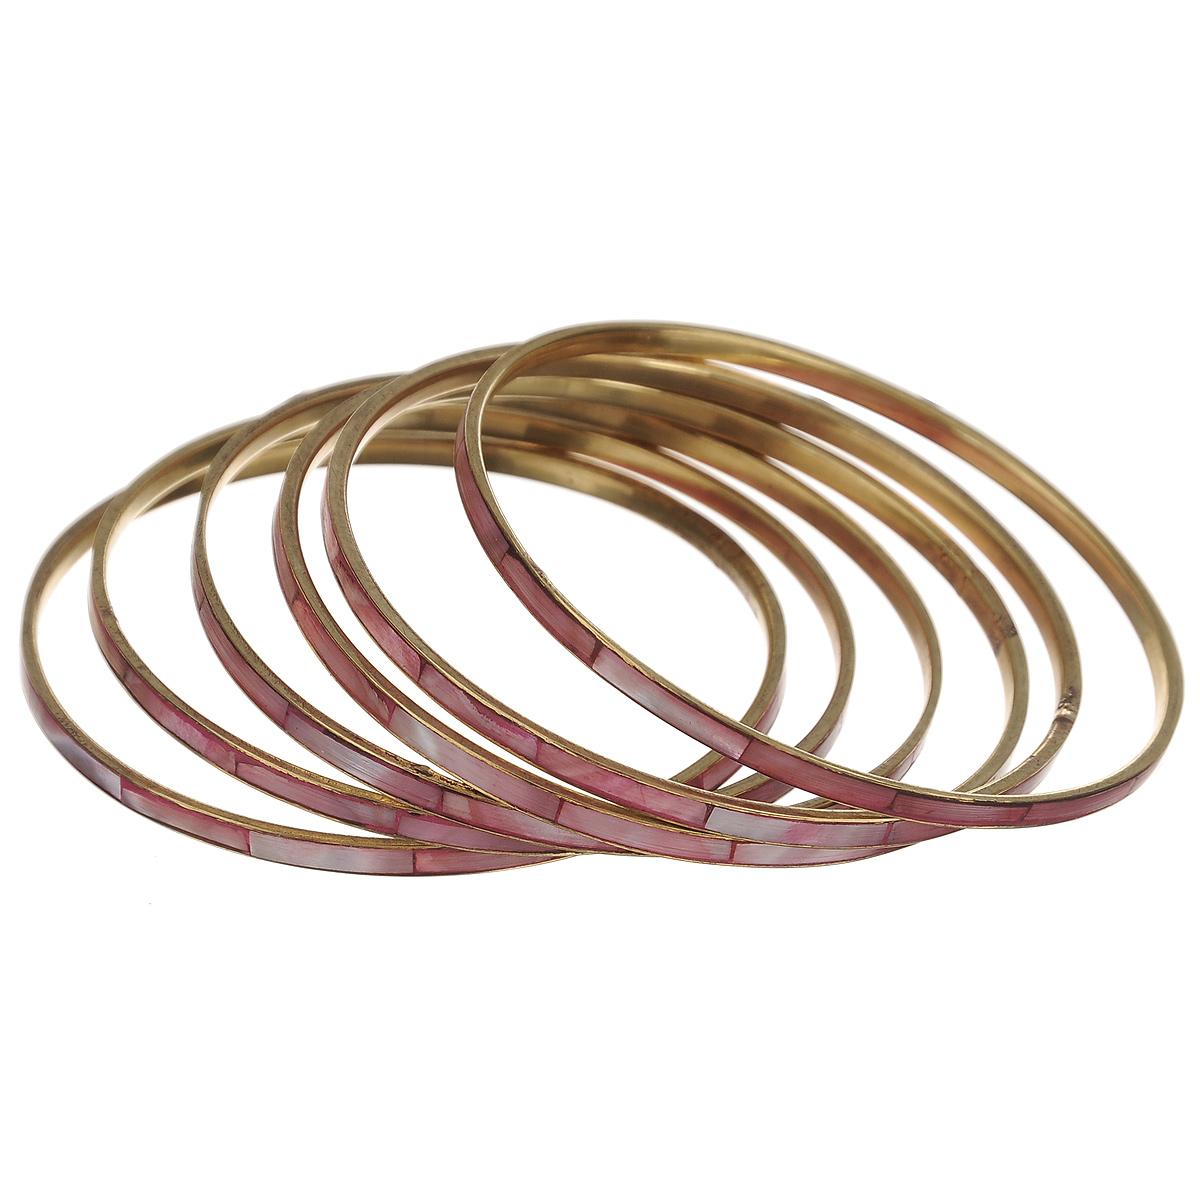 Набор браслетов Ethnica, цвет: розовый, 6 шт. 098045098045Стильный набор браслетов Ethnica выполнен из блестящего золотистого металла со вставками из натуральных ракушек. В набор входят шесть браслетов одинаковой ширины. С таким модным ярким аксессуаром вы сможете каждый день экспериментировать со своим образом, привнося в него новые краски и настроение.